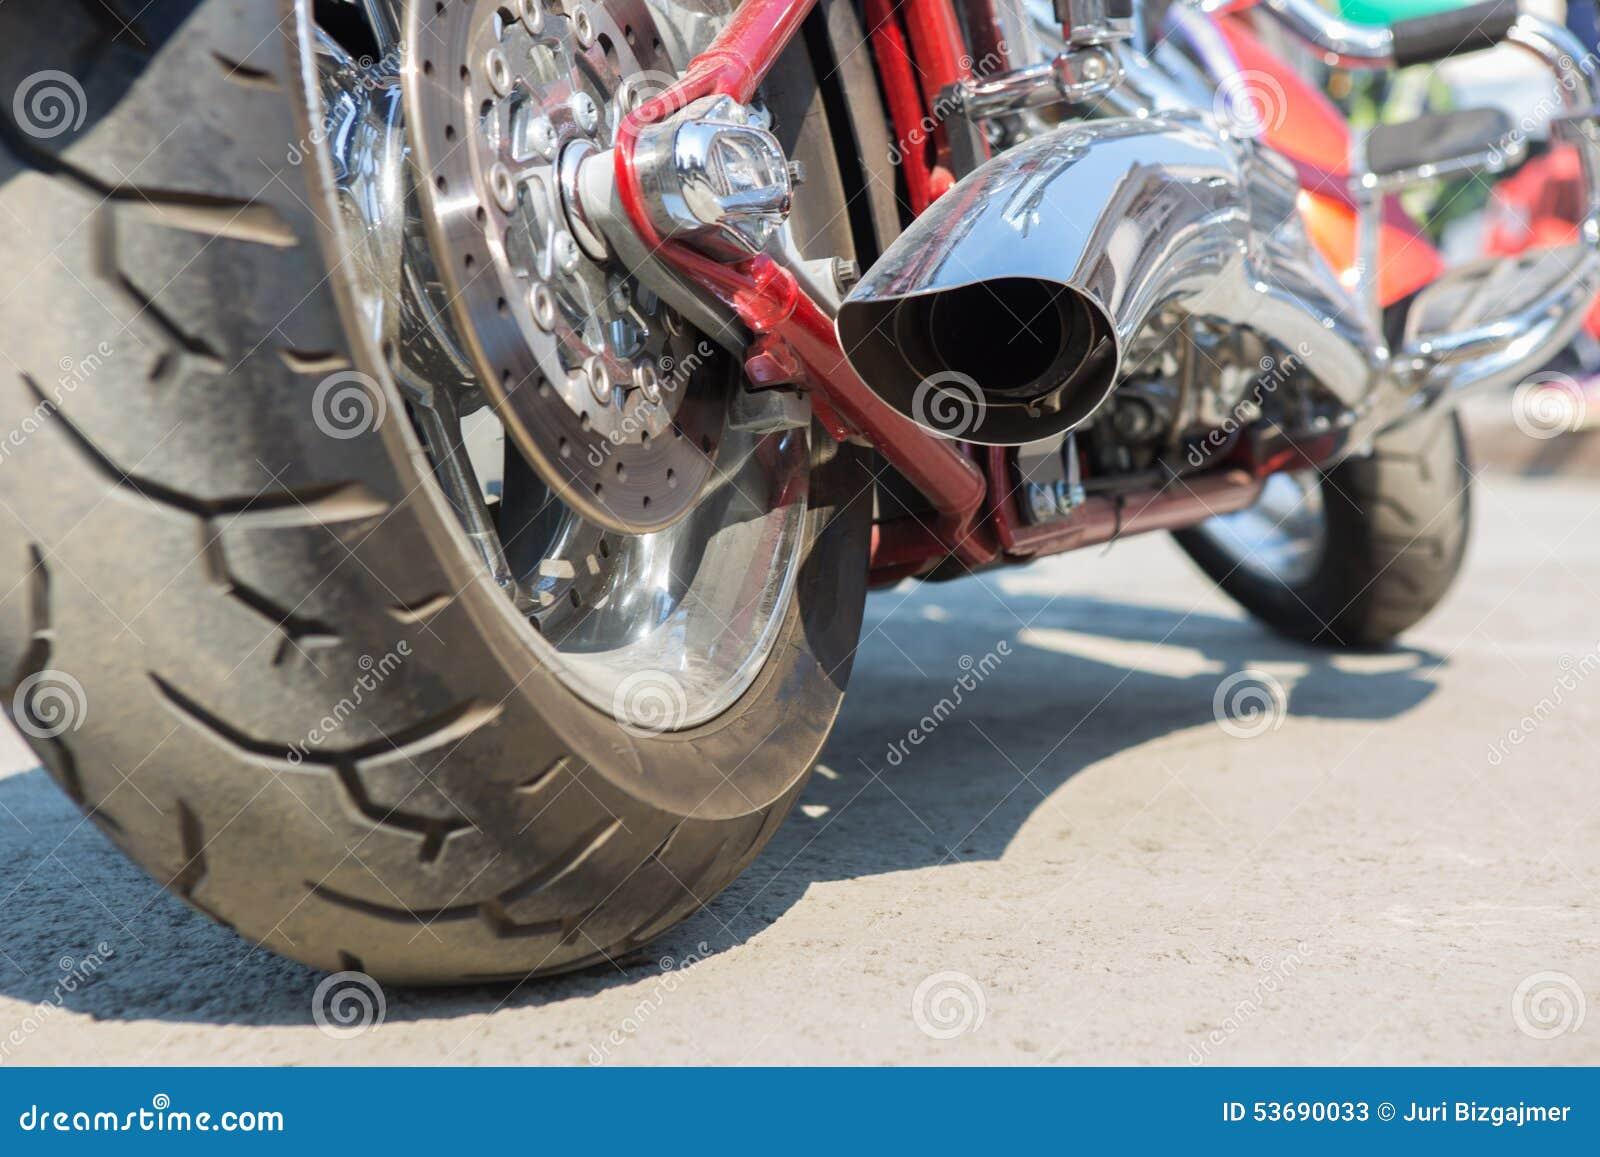 排气摩托车